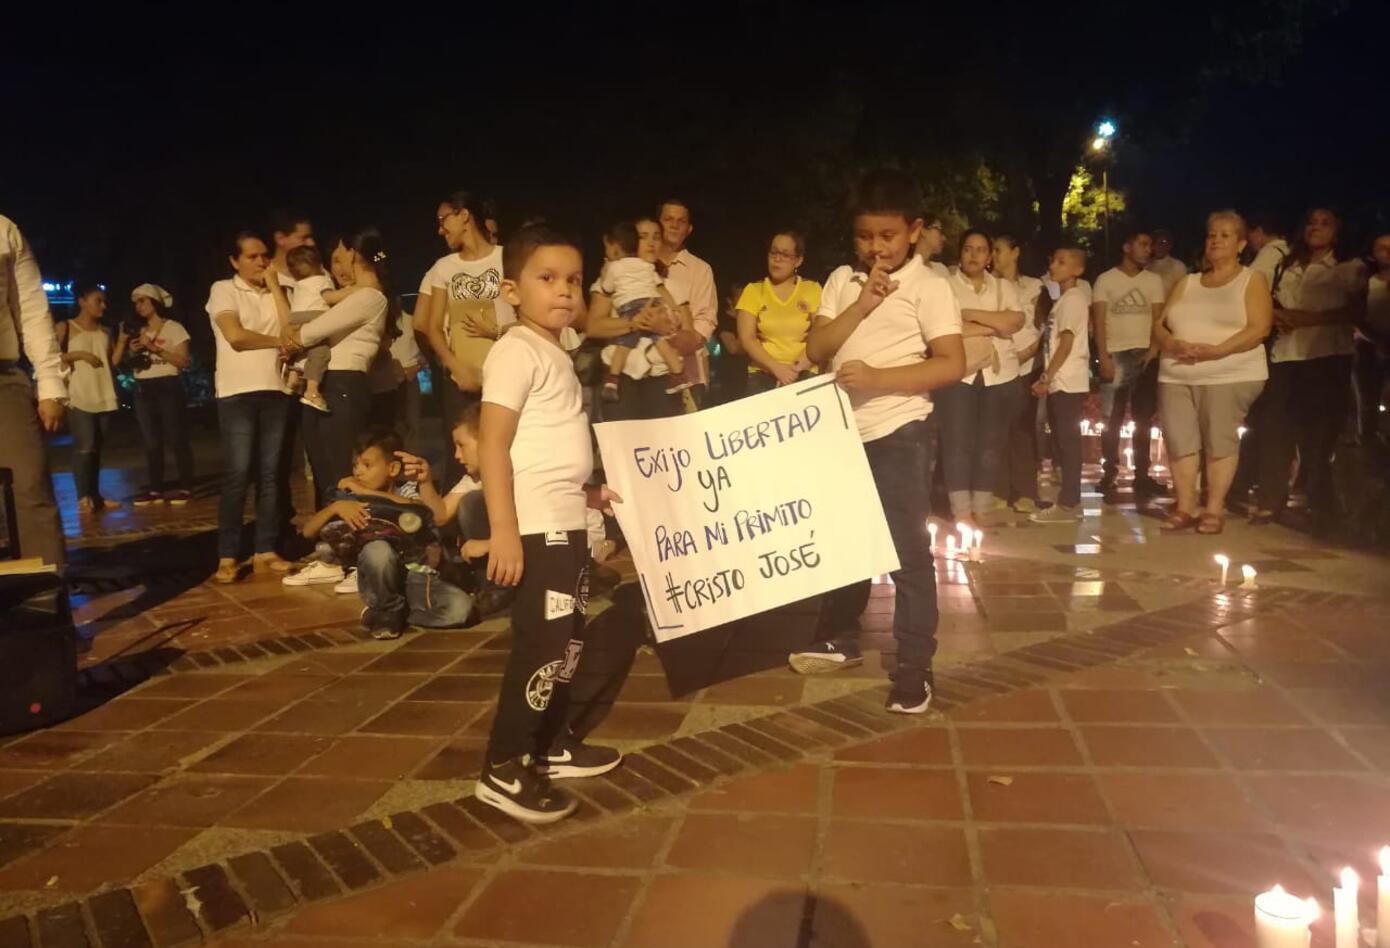 Los niños también pidieron la liberación de Cristo José Contreras